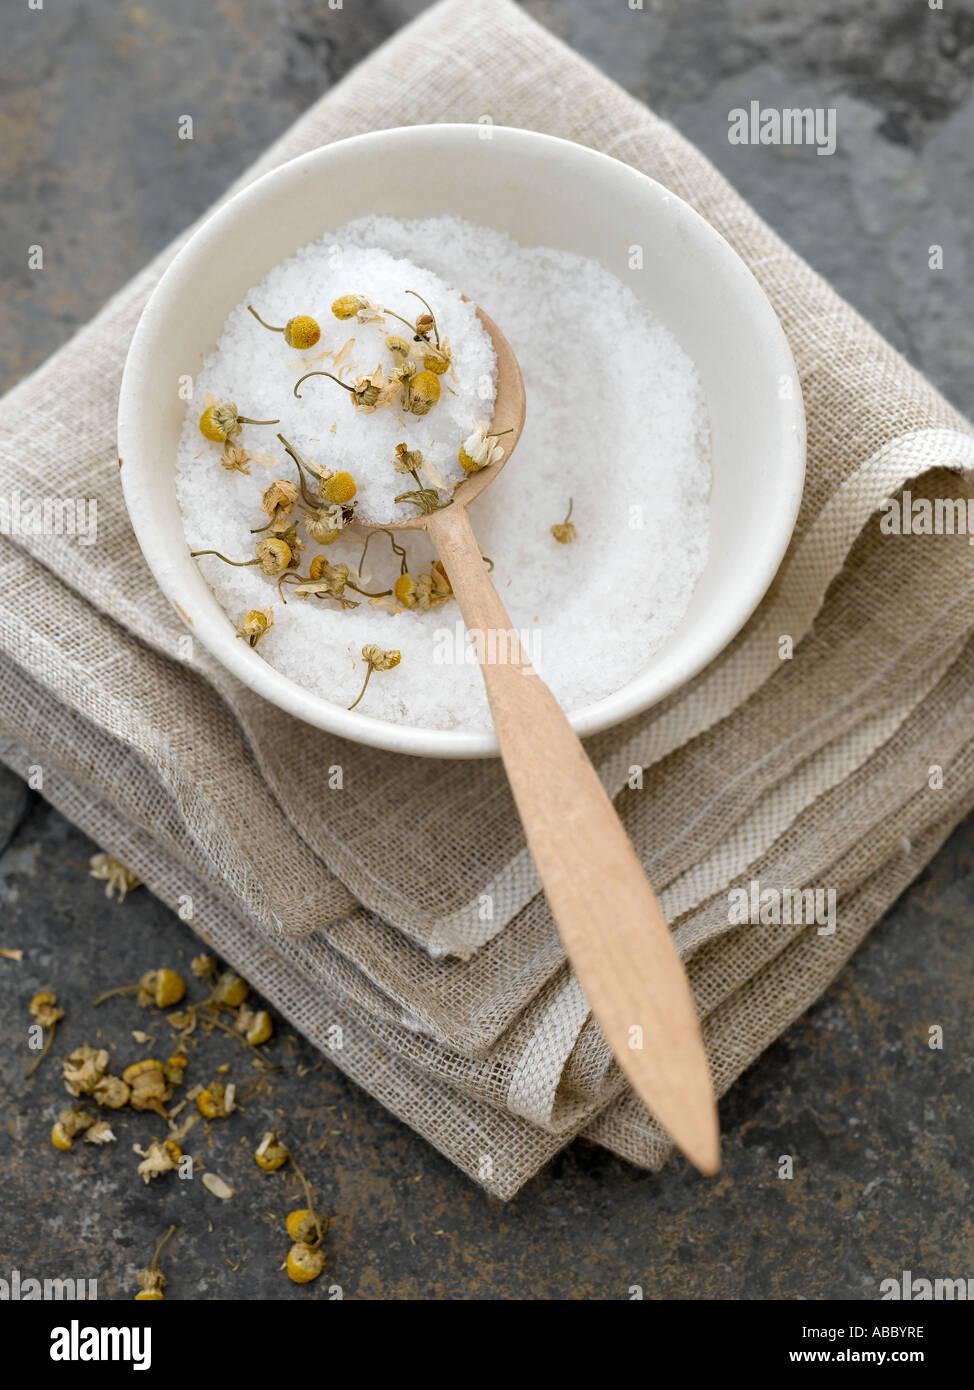 Natürliche Badesalz mit getrockneten Kamille Blumen - high-End Hasselblad 61mb digitales Bild Stockbild